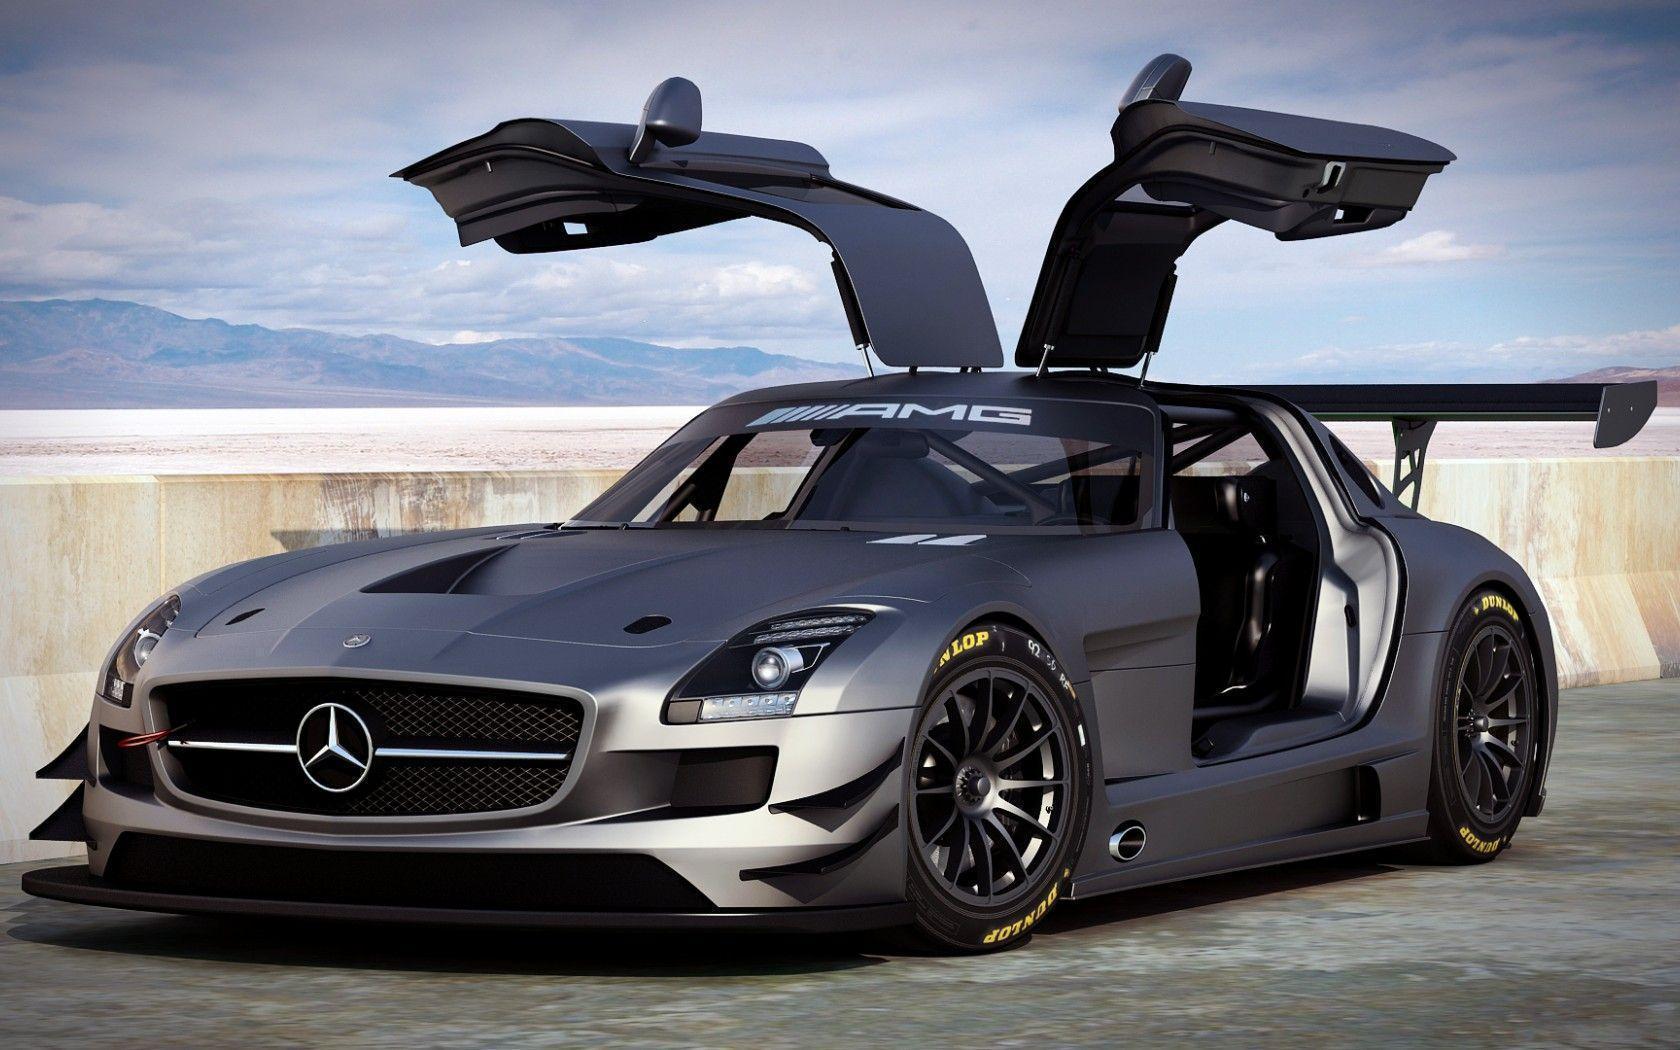 Mercedes Benz SLS AMG Wallpapers 1680x1050